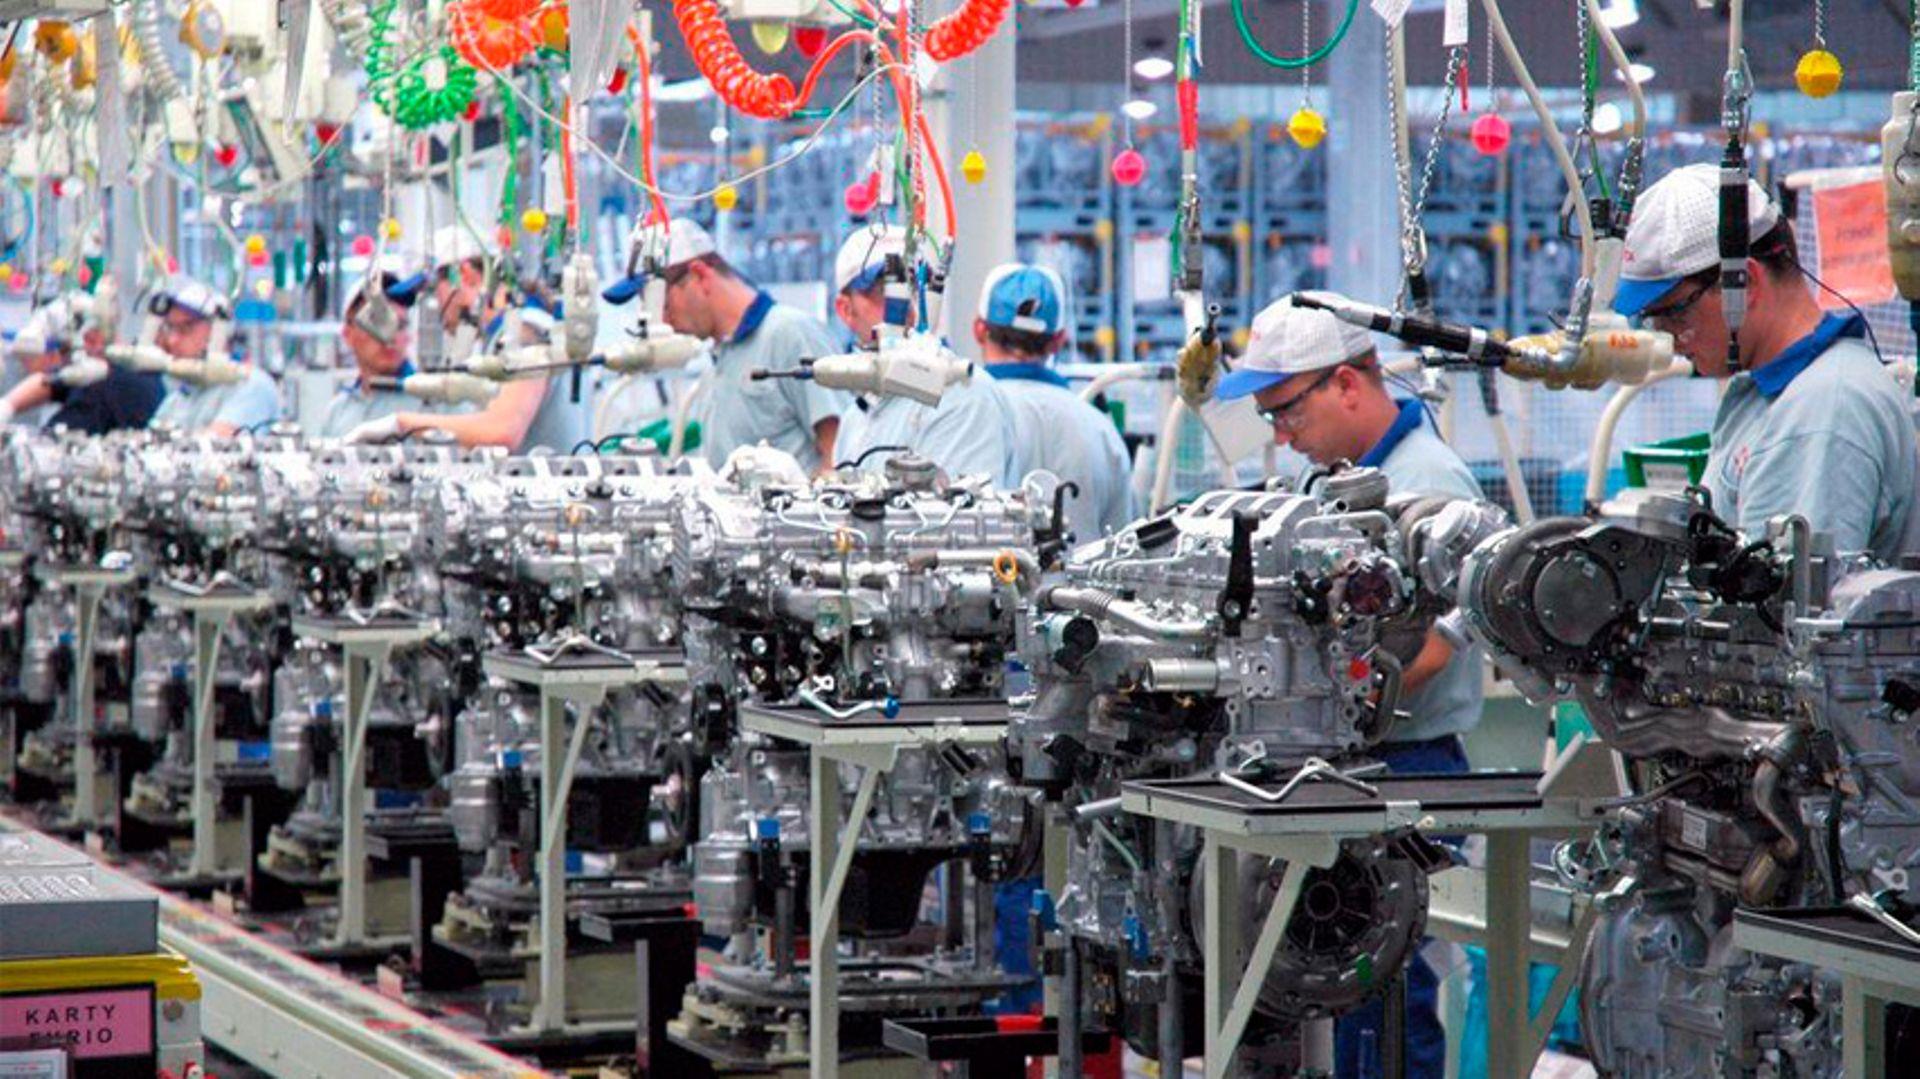 Dolny Śląsk: Japońskie Suzuki będzie produkowało silniki samochodowe w Jelczu-Laskowicach lub Wałbrzychu